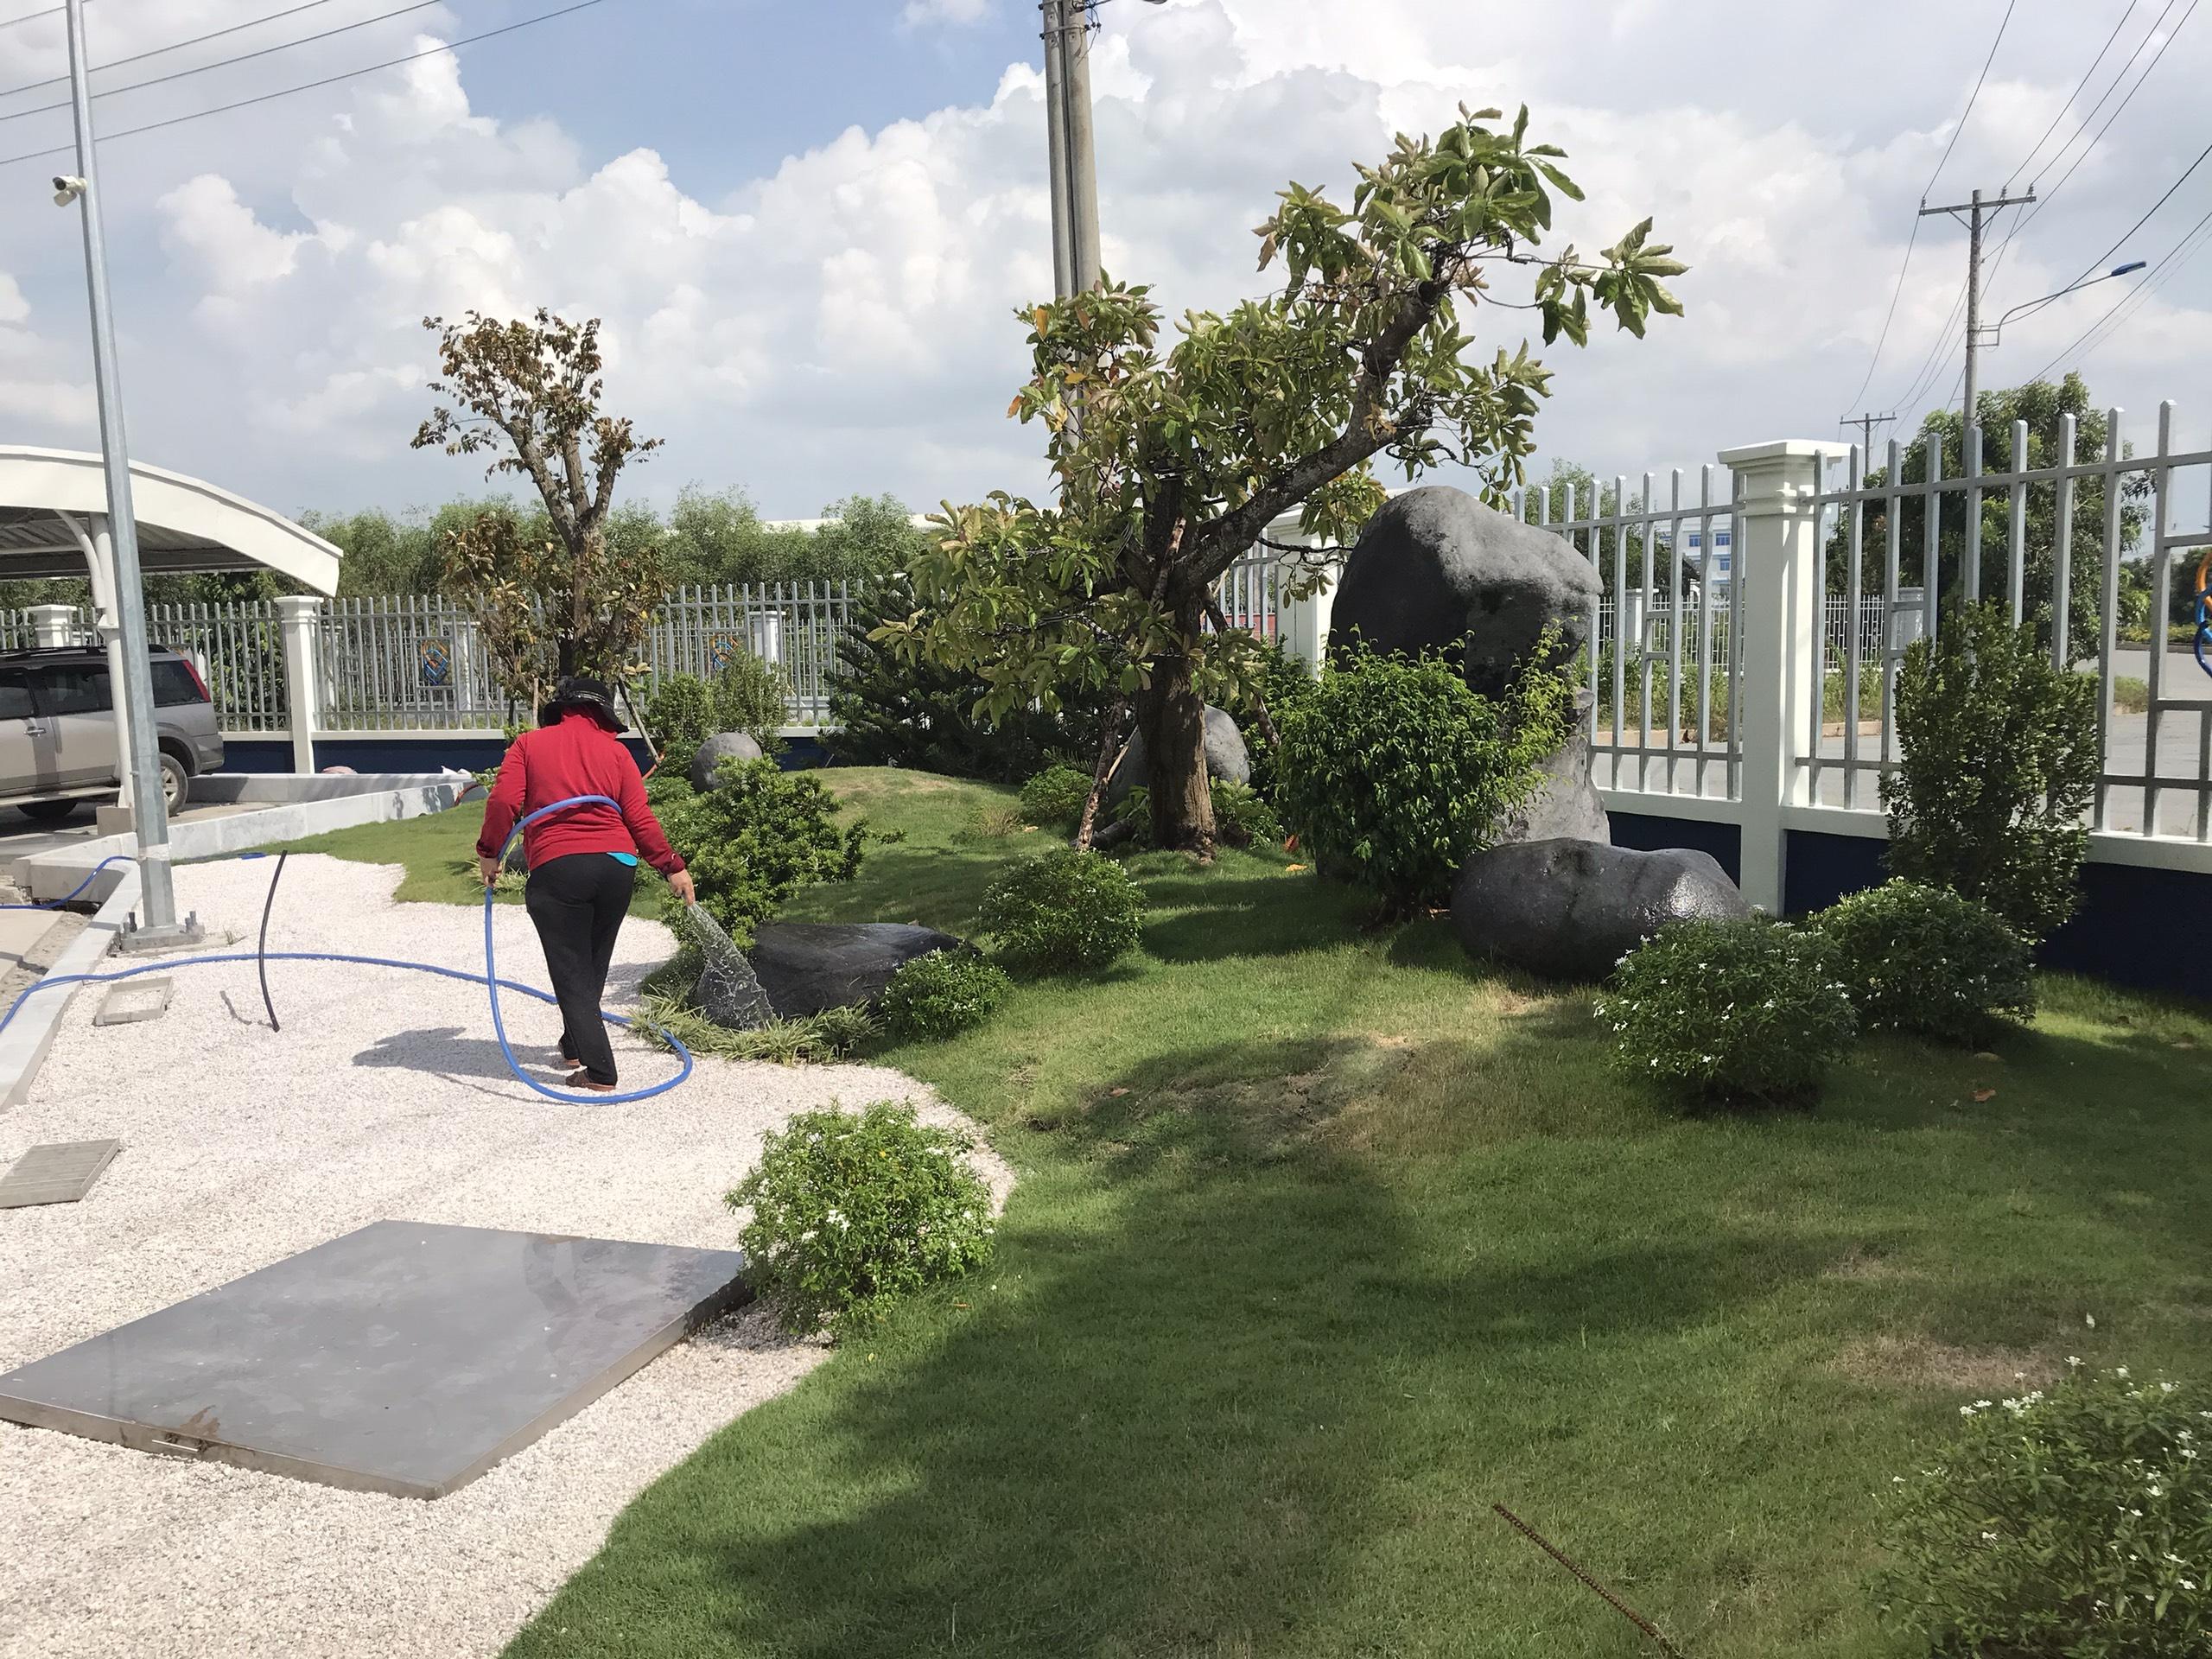 Dịch vụ chăm sóc cây xanh tại khu công nghiệp Long An với Ngoại Thất Xanh